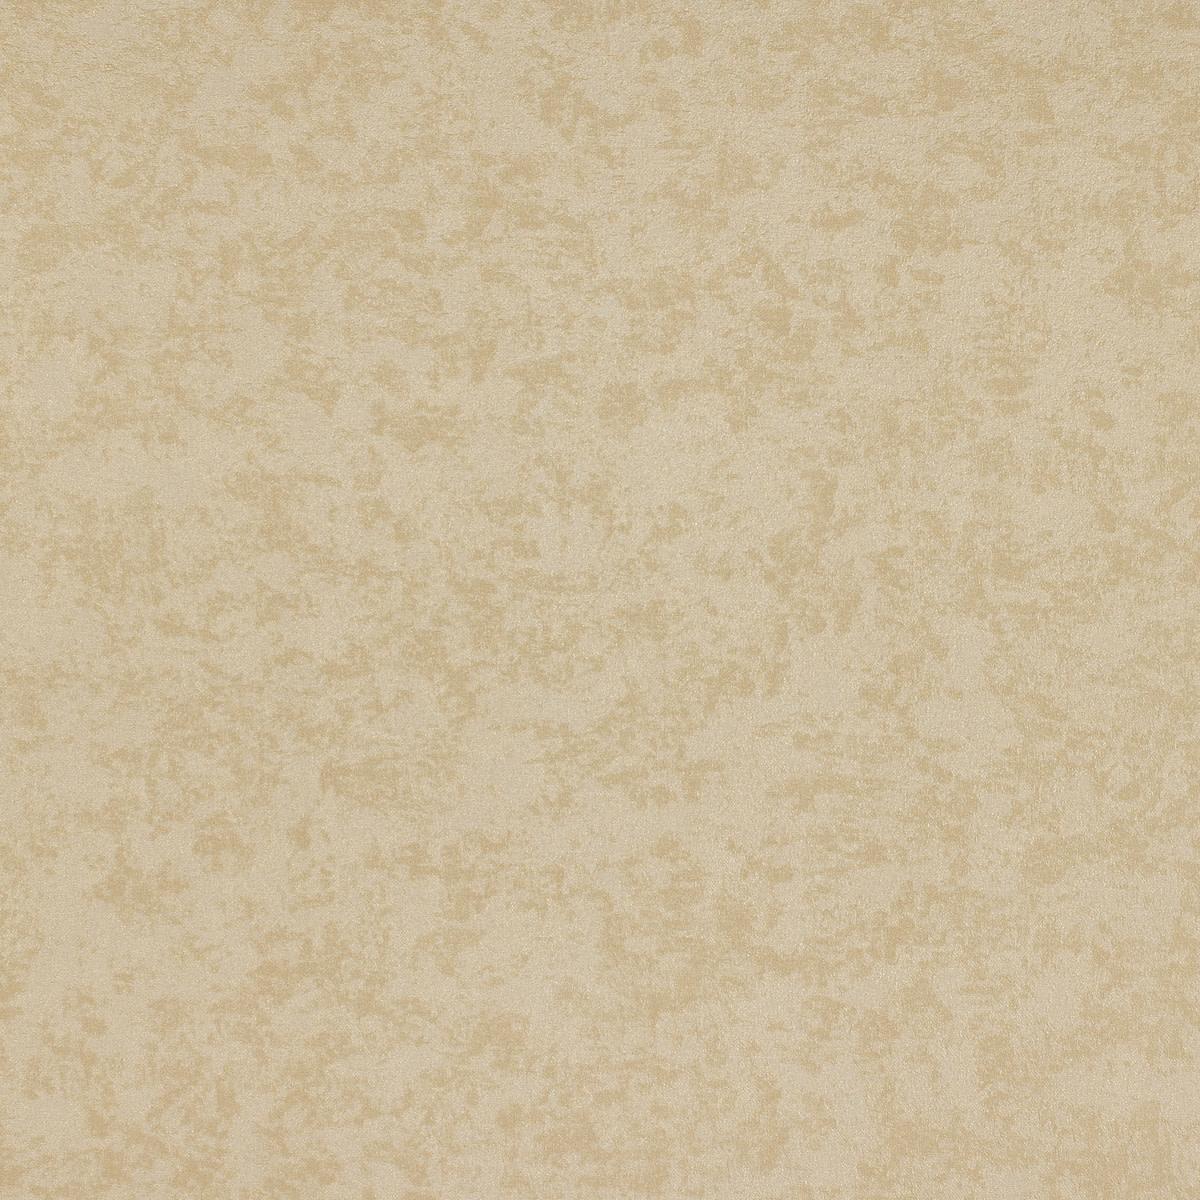 Обои флизелиновые Артекс Бергамо бежевые 1.06 м 10073-07